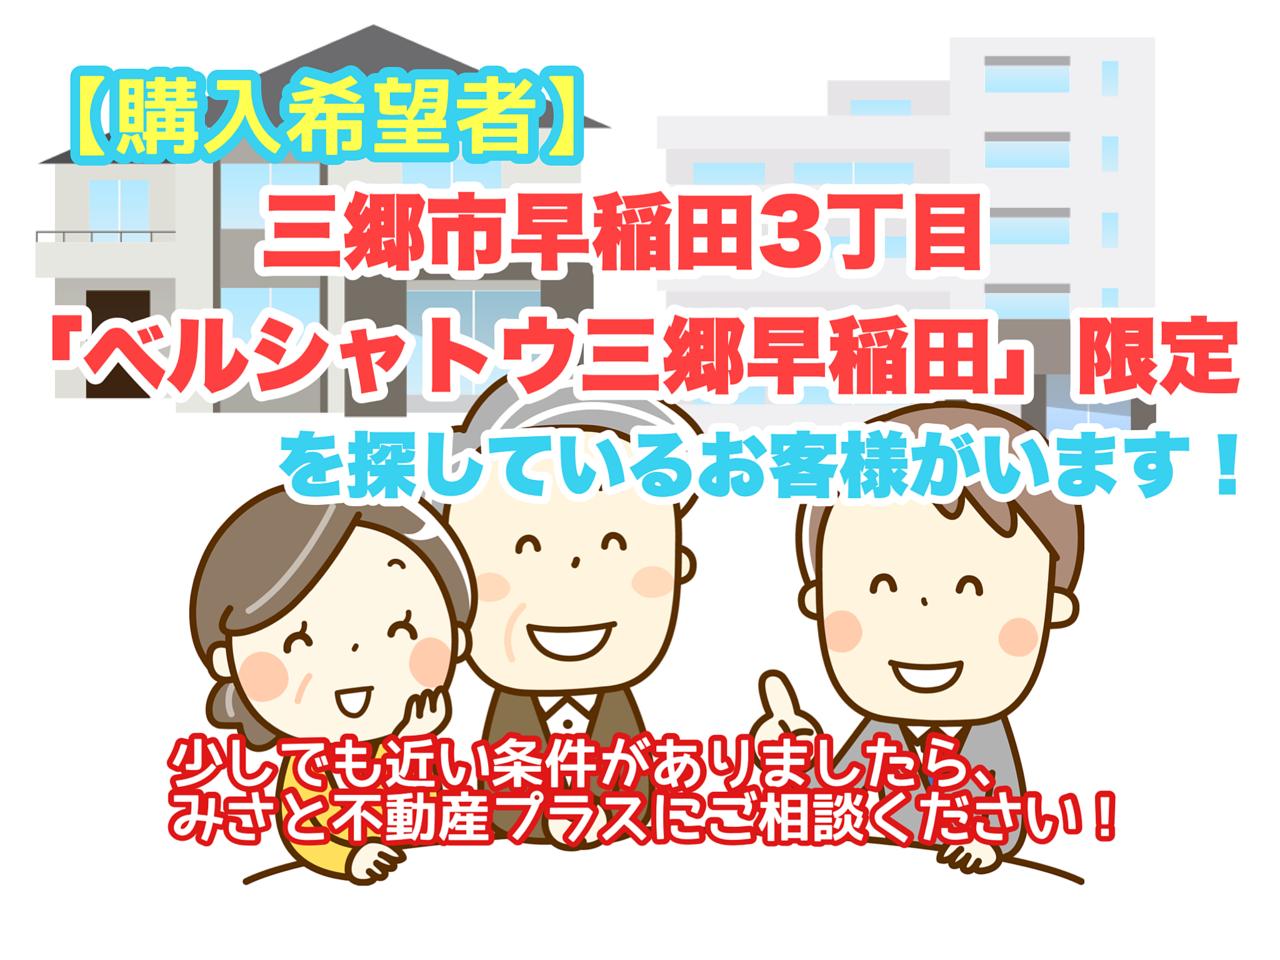 【購入希望者リスト】ベルシャトウ三郷早稲田を限定で探しているお客様がいます!